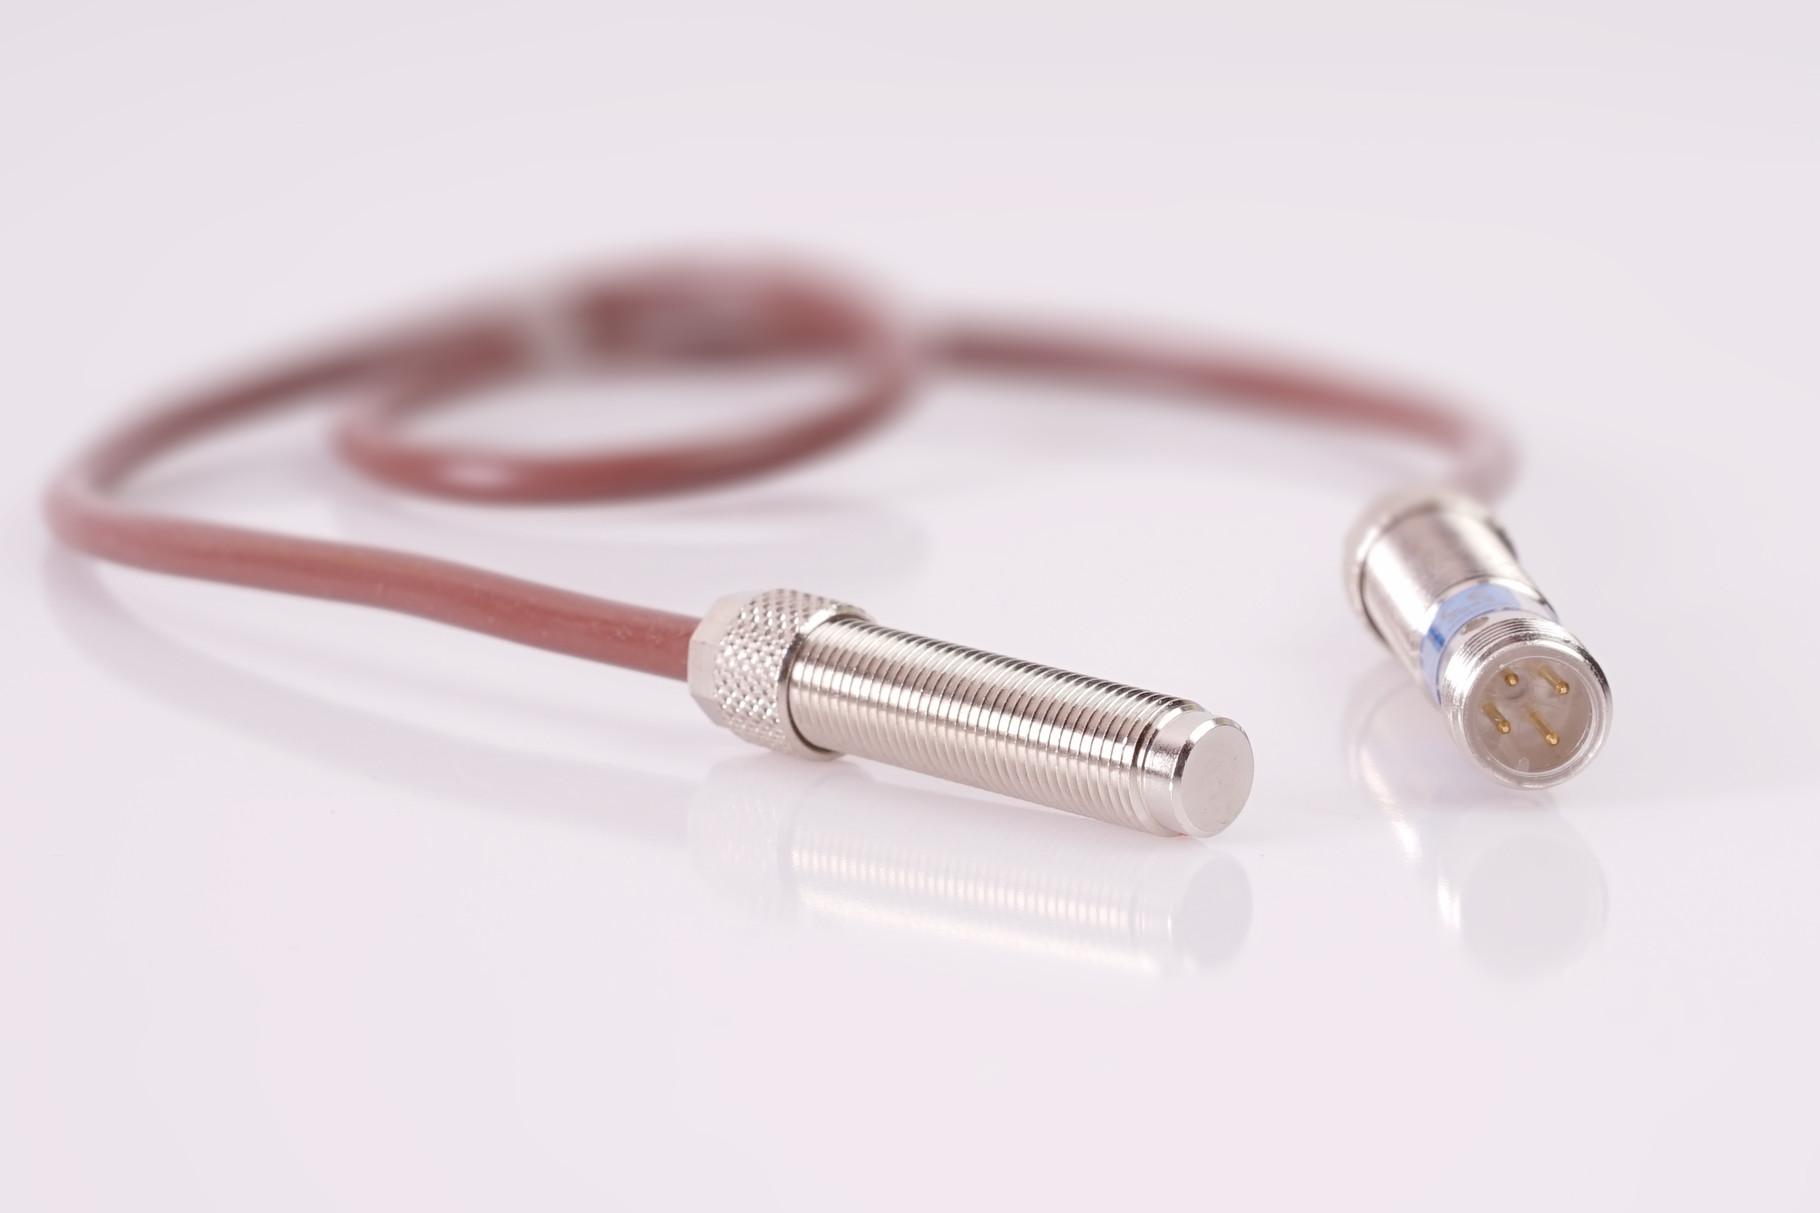 Hochtemperatur Sensor 175°C für den Ex Bereich